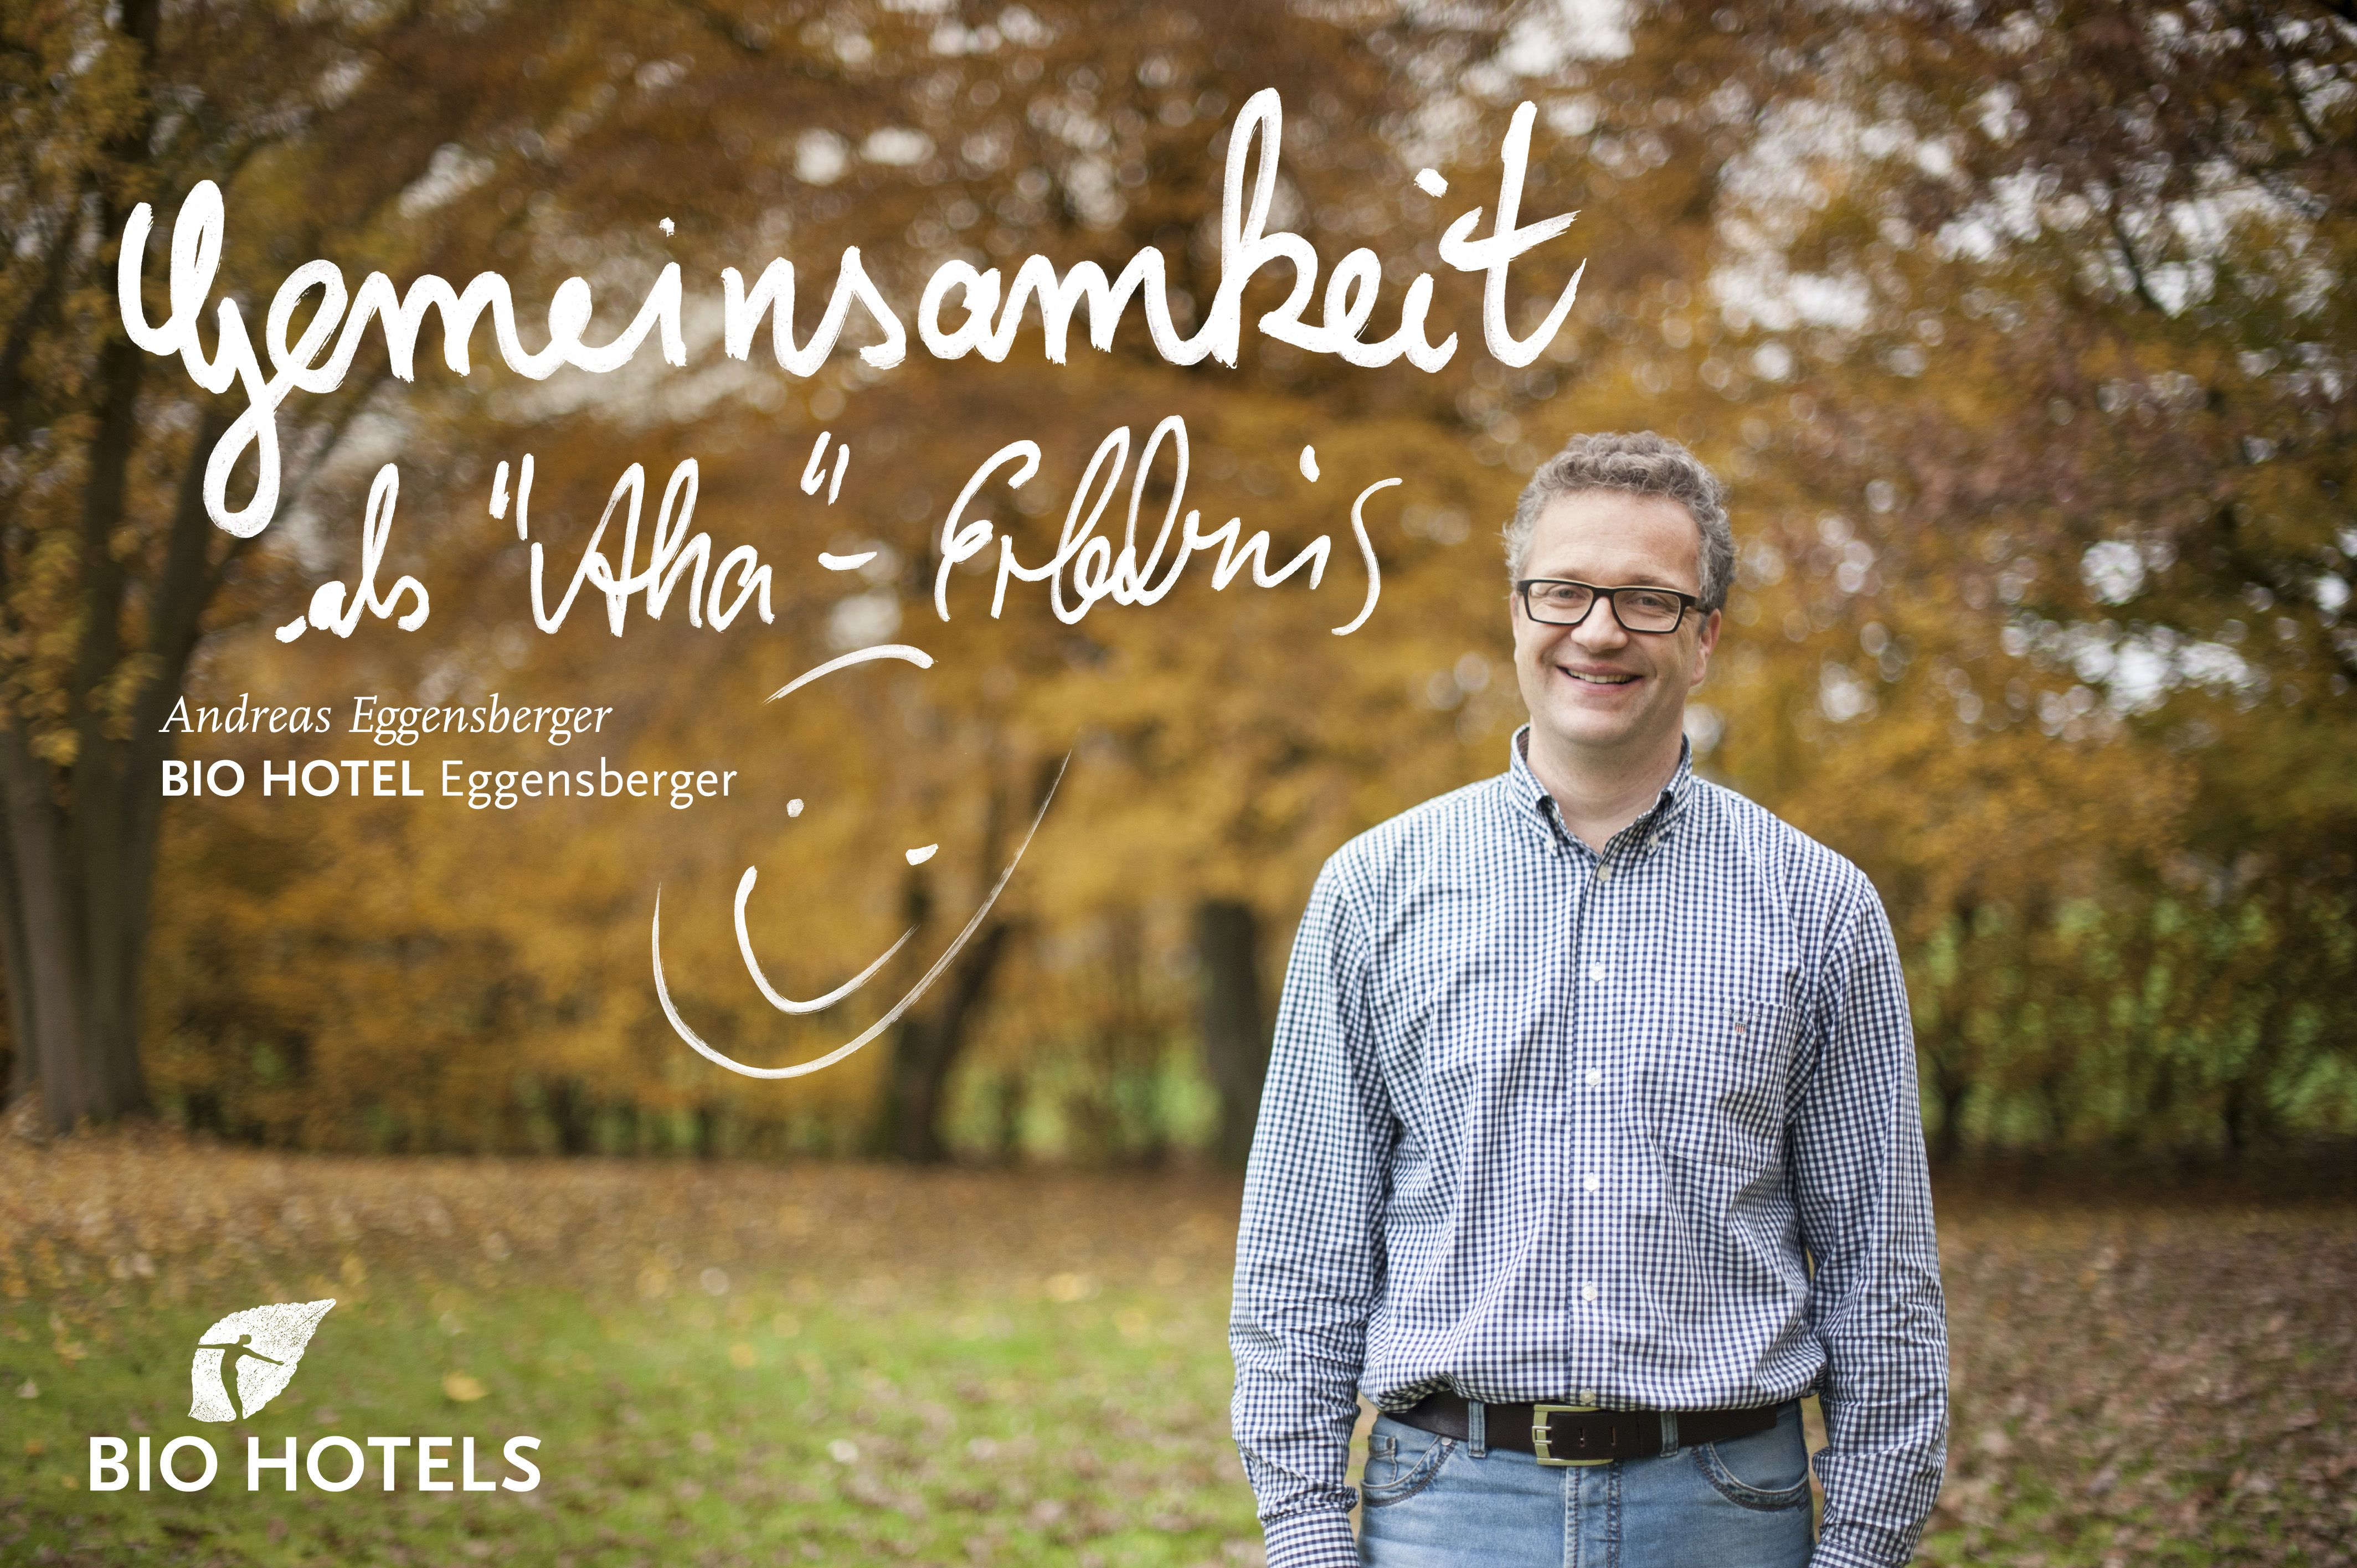 BIO HOTELIER Andreas Eggensberger von #Biohotel Eggensberger - med. well. **** in Hopfen/See im #Allgäu #Bayern